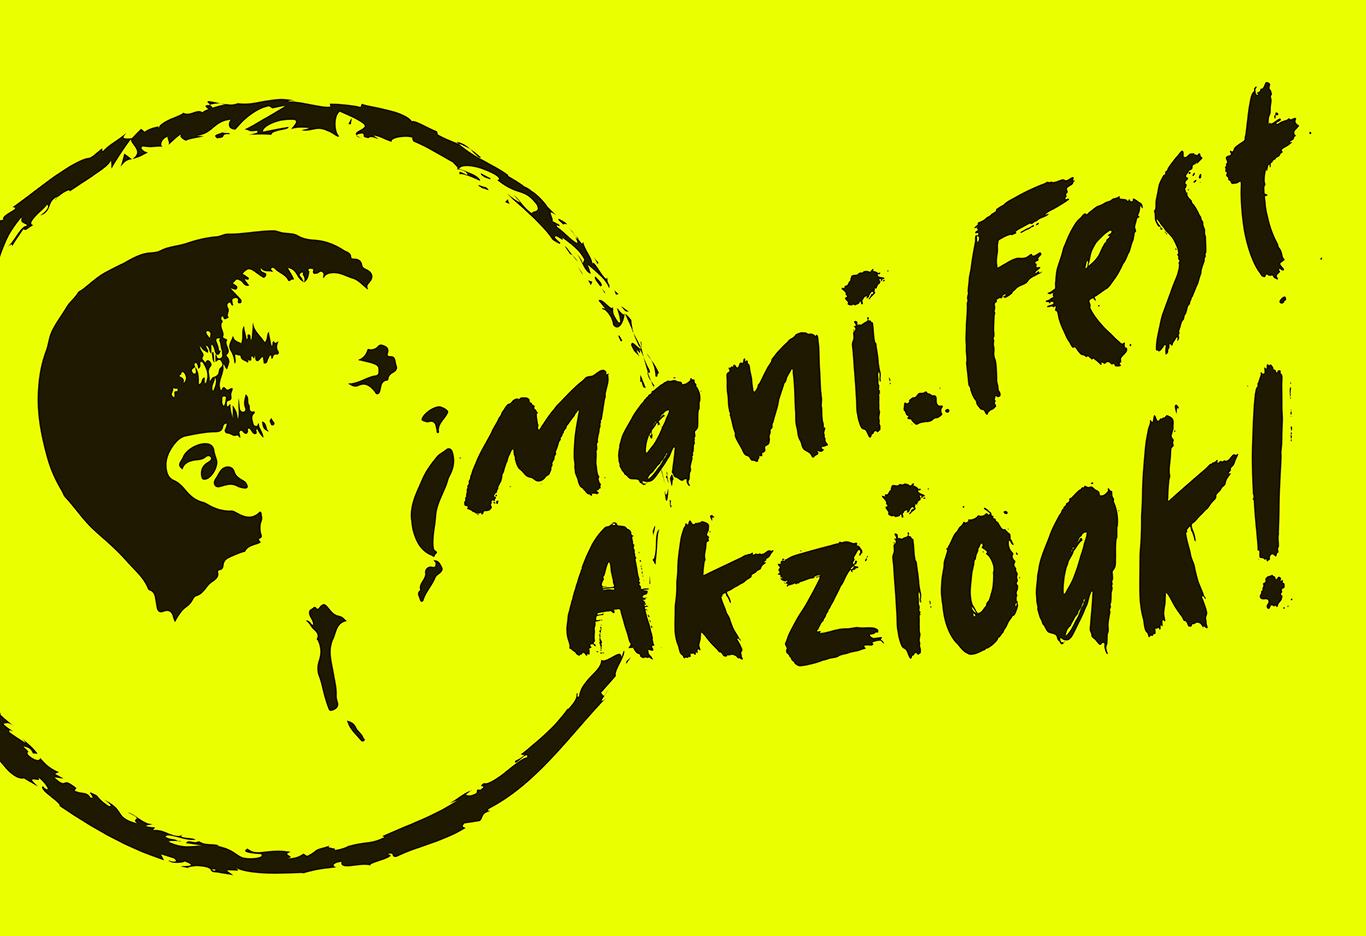 00-ManiFestAkzioak-GuerrillaFSS-2